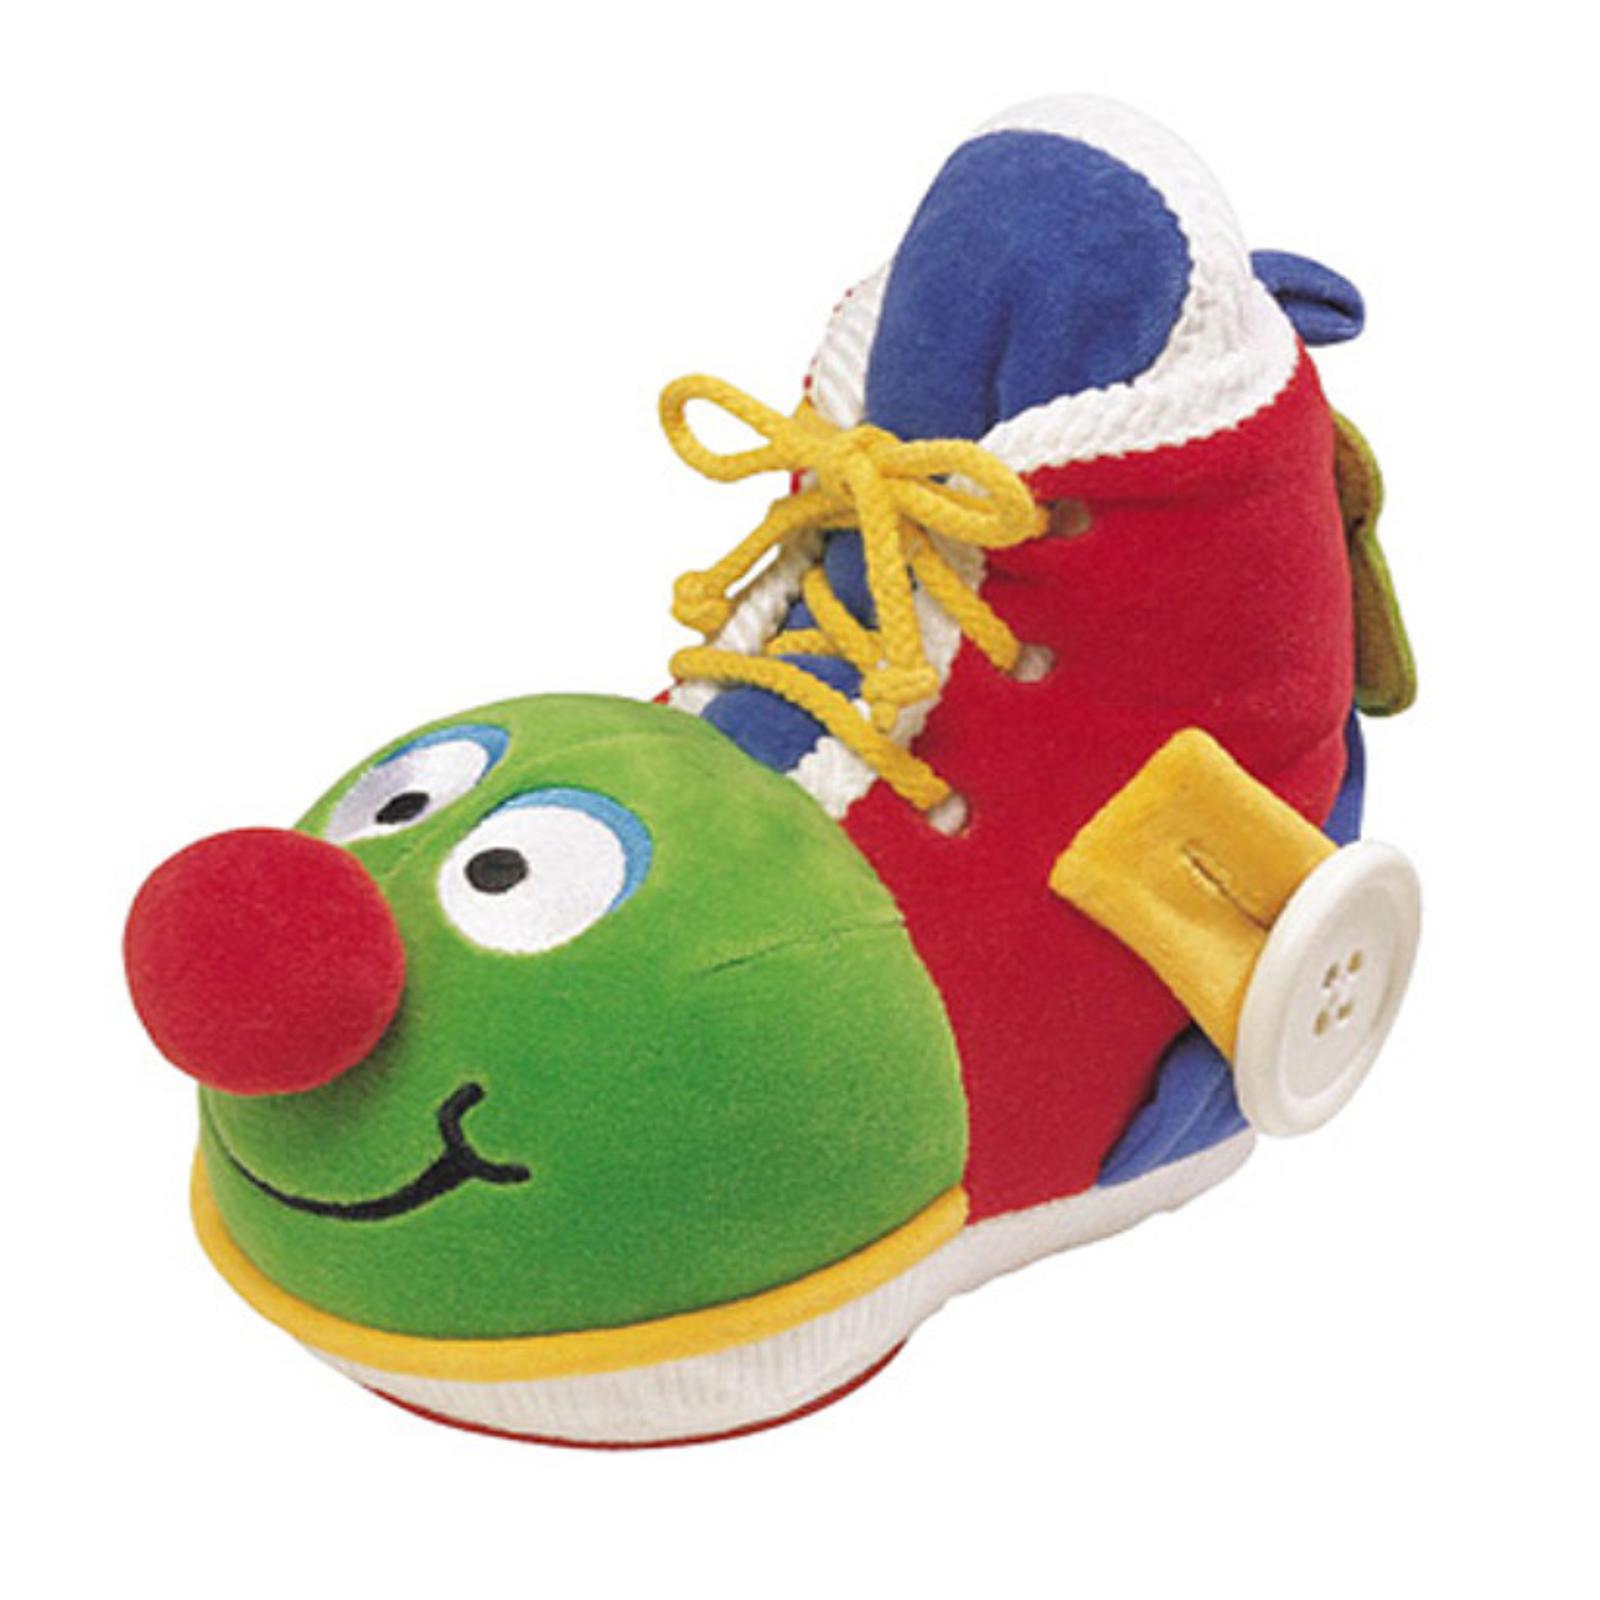 Развивающая игрушка K&amp;#039;s Kids Ботинок с зеркалом с 0 мес.<br>